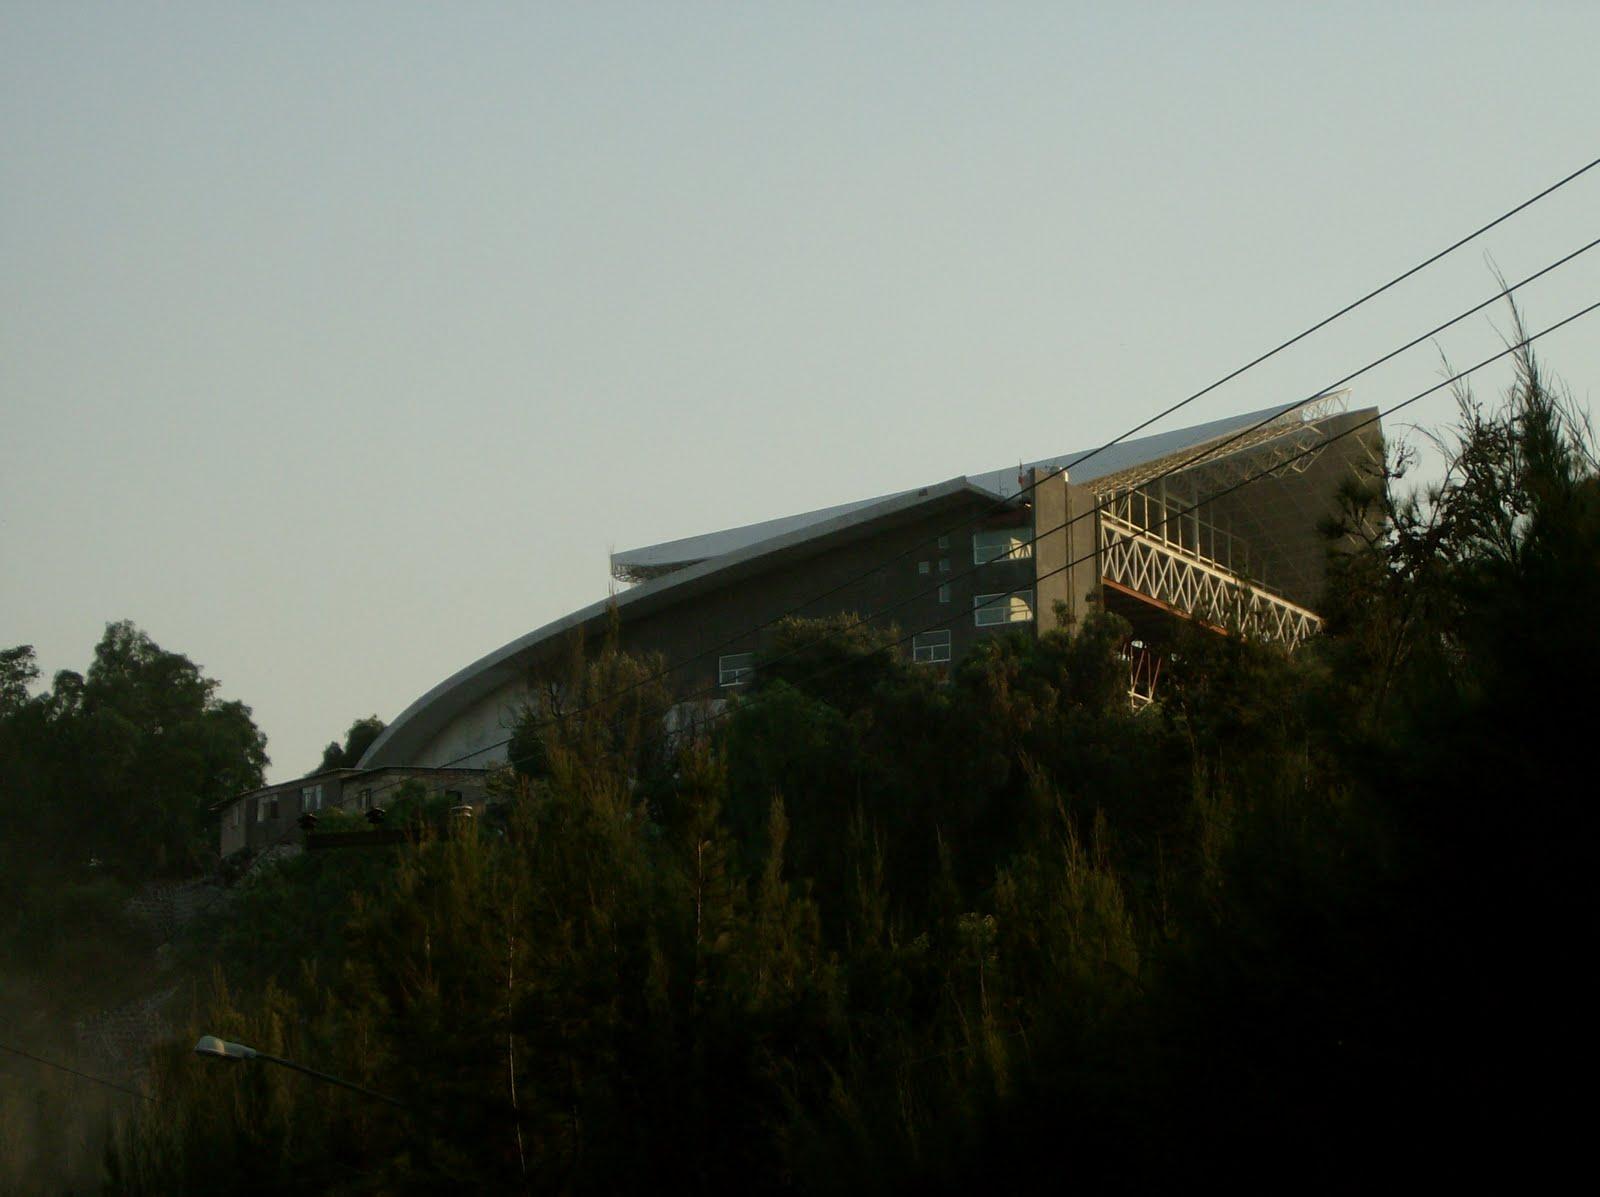 Nodo invisible noviembre 2010 - Samira inmobiliarios ...